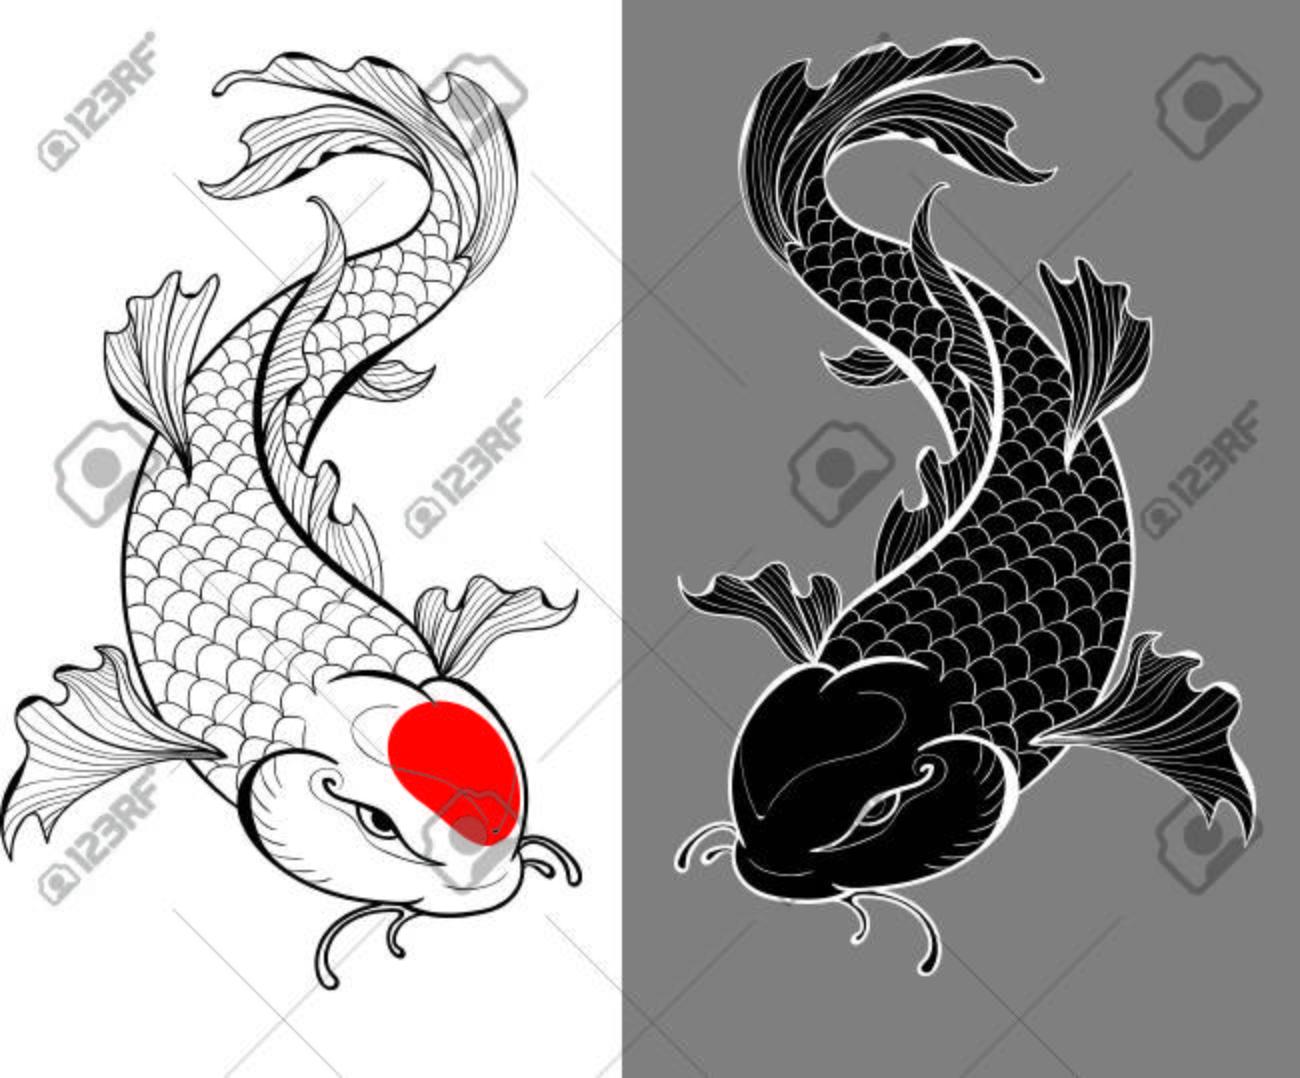 Ilustracin Artstica De Carpas Koi En Estilo Del Tatuaje